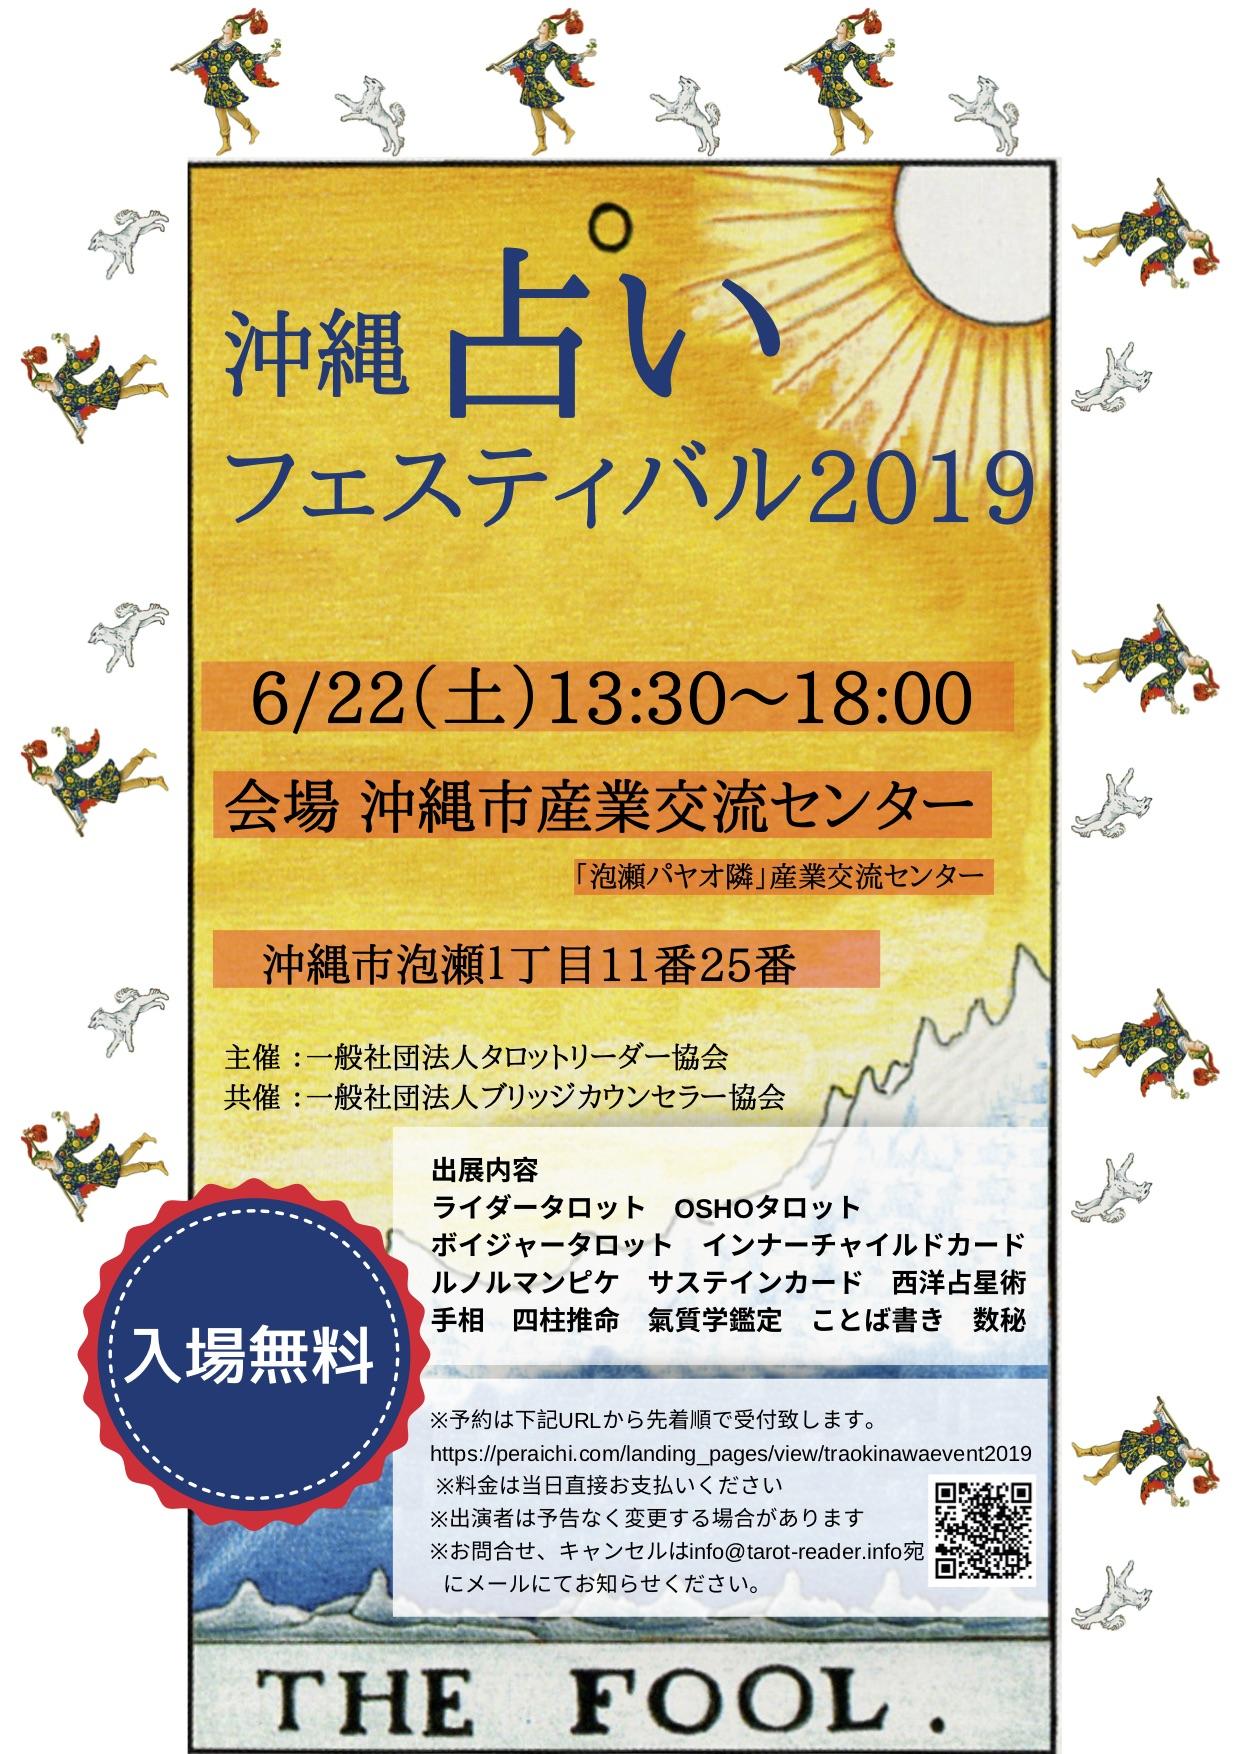 沖縄占いフェスティバル